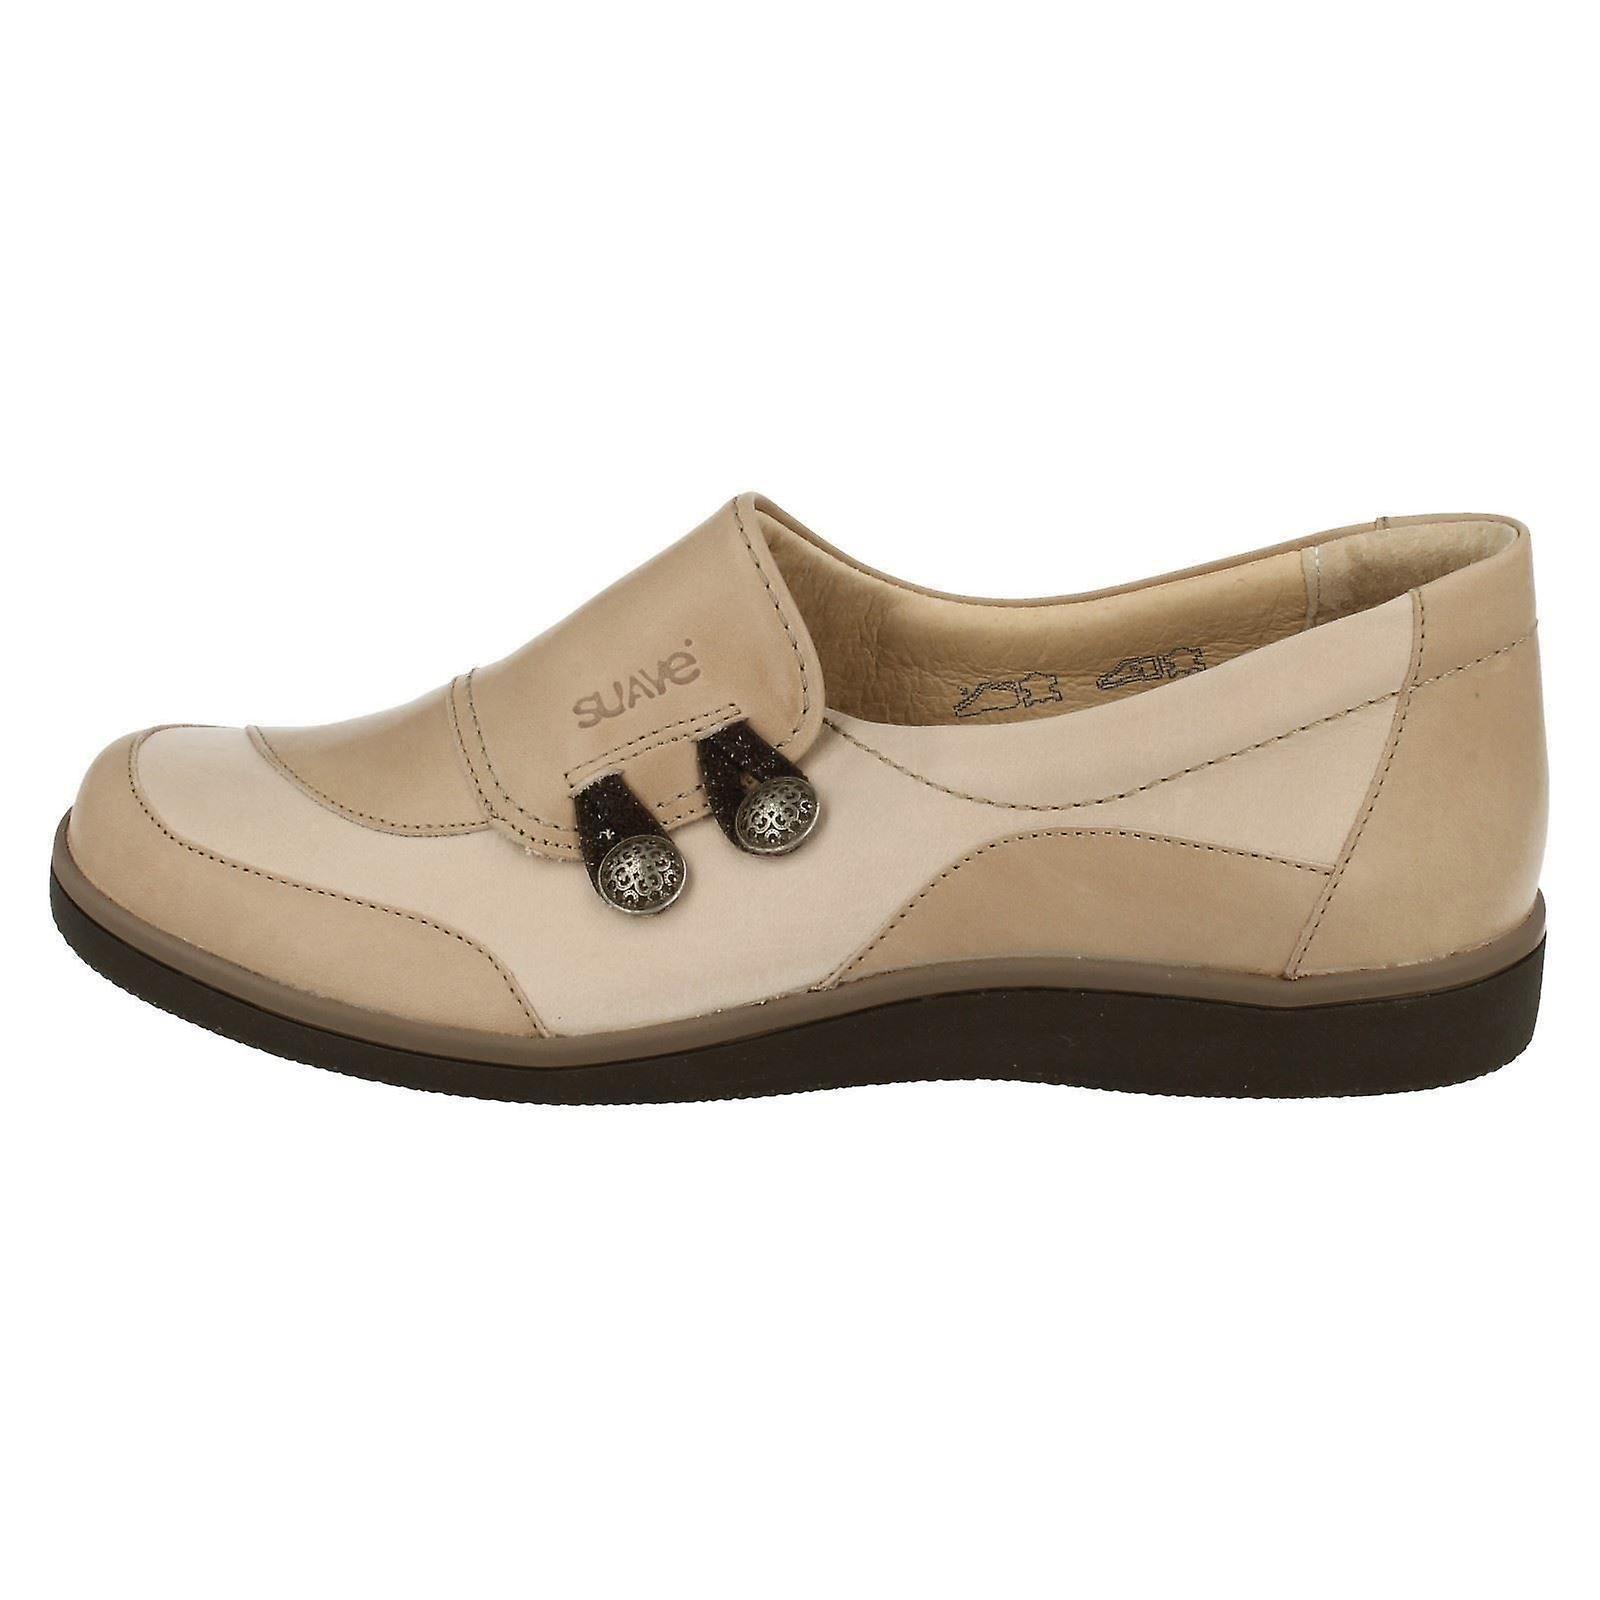 Ladies Suave Versatile Flat Shoes Lucy